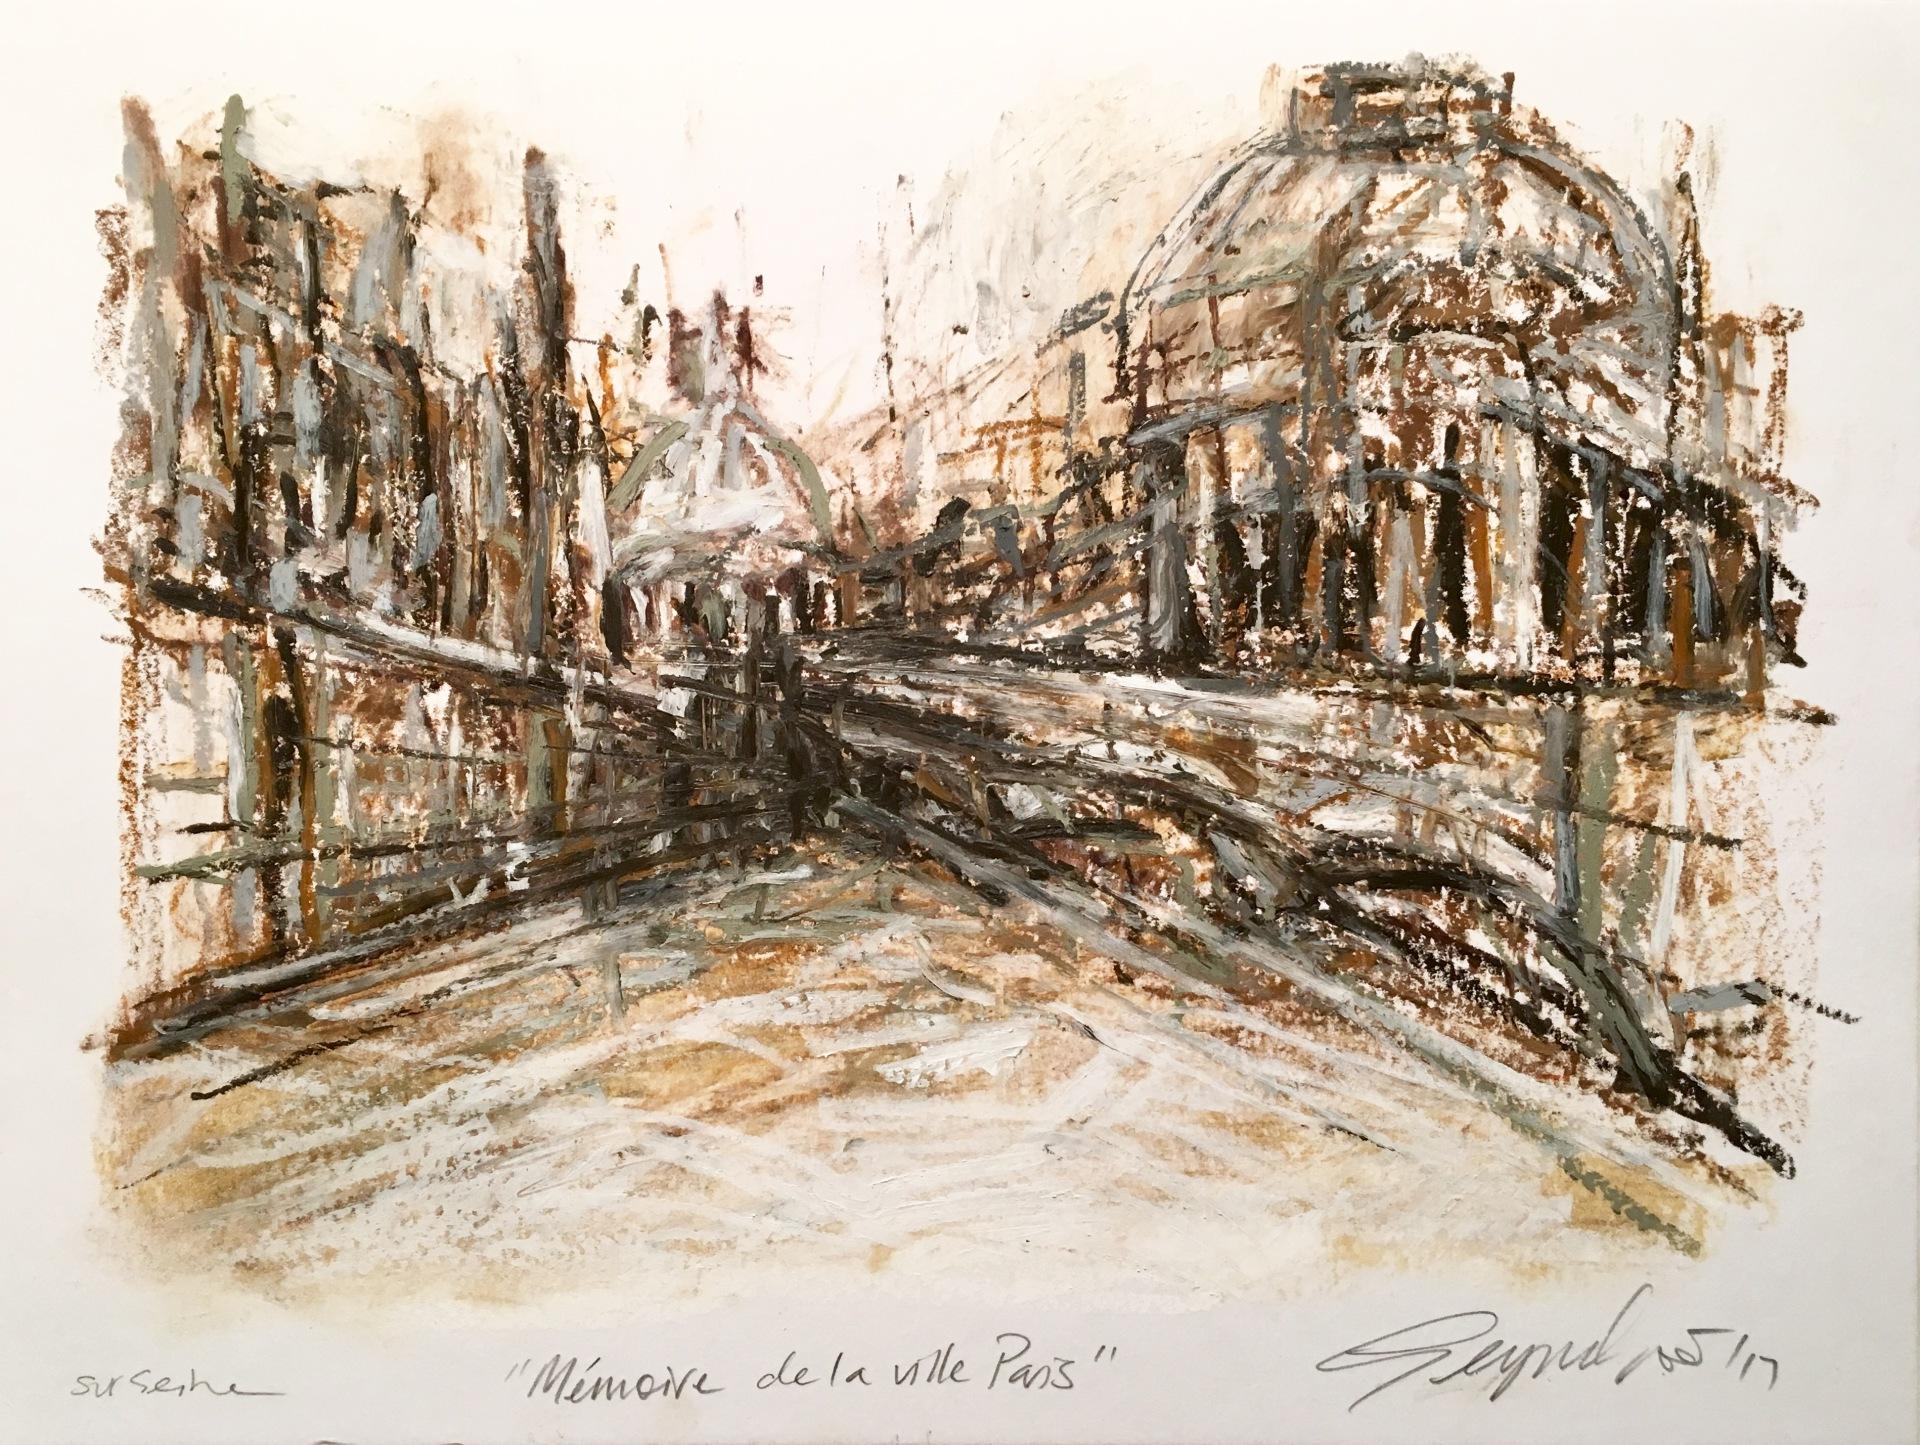 Sur Seine - Mémoire de la ville Paris